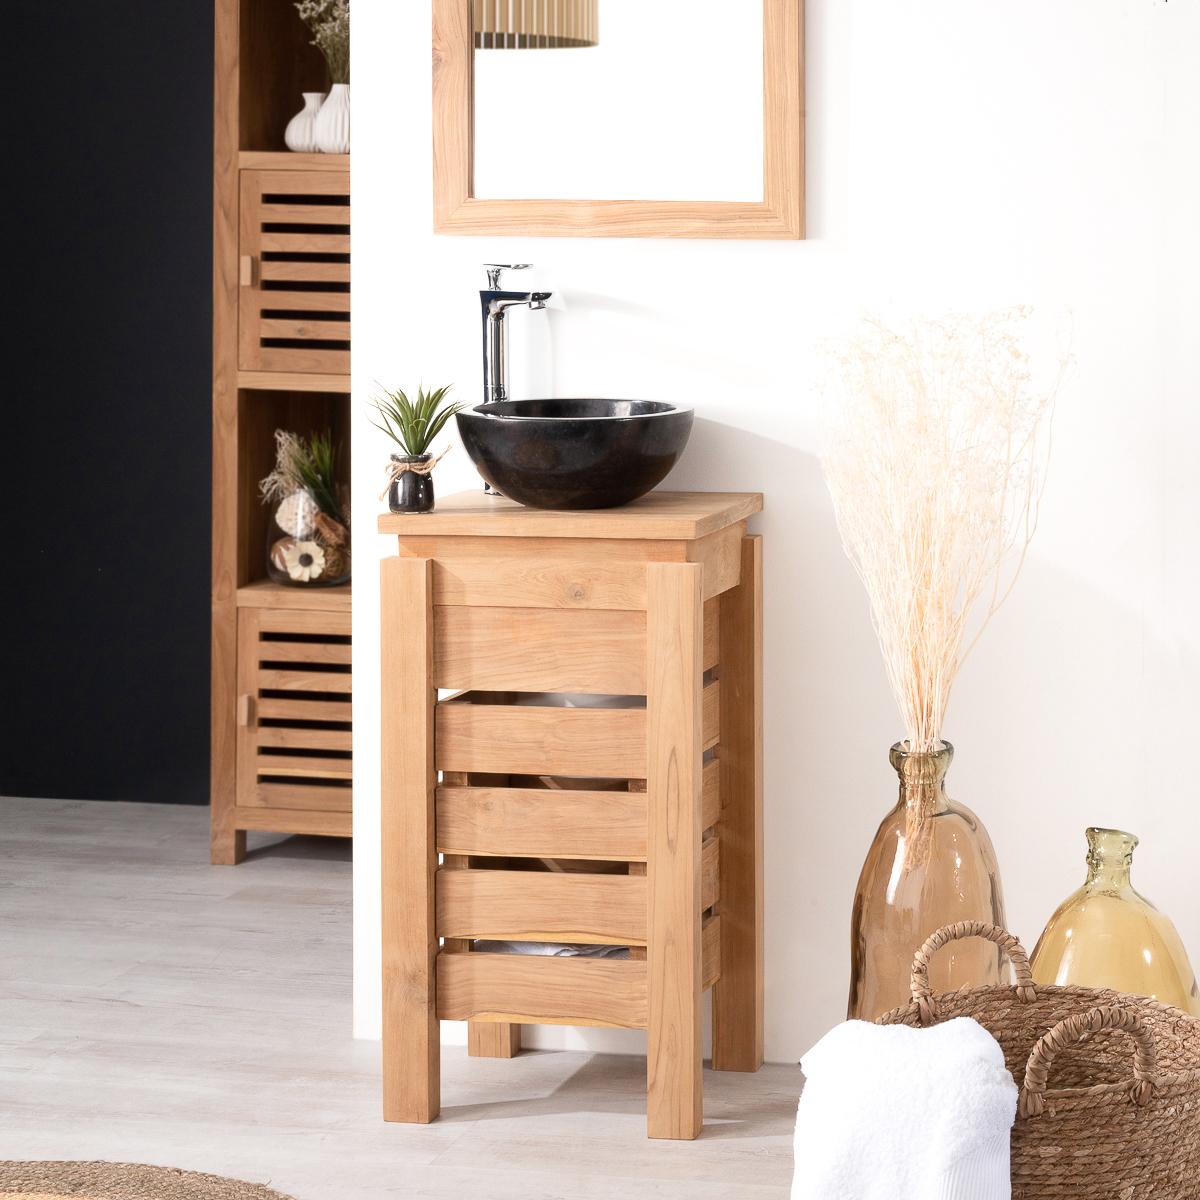 Mueble peque o para cuarto de ba o wc zen de teca 40 cm - Mueble lavabo pequeno ...